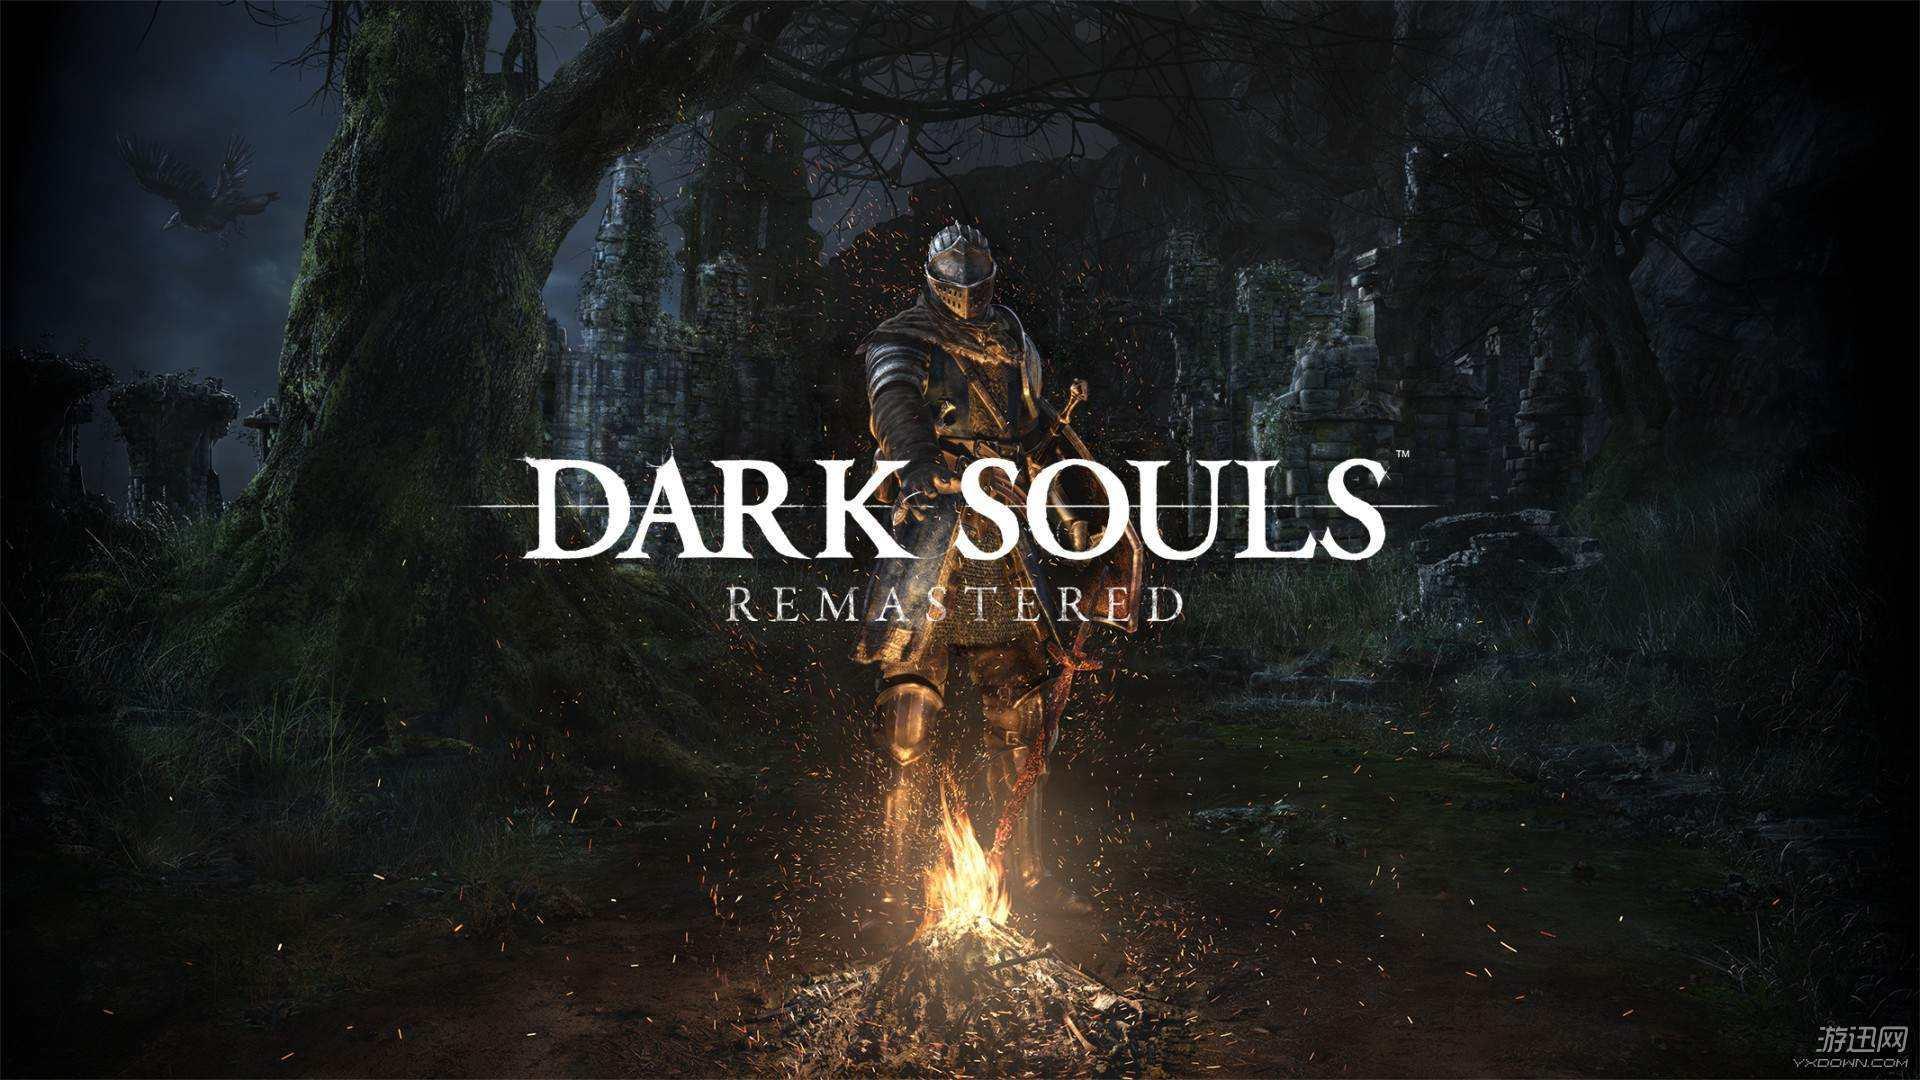 《黑魂重制版》登Steam畅销榜首 《绝地求生》热度再下滑